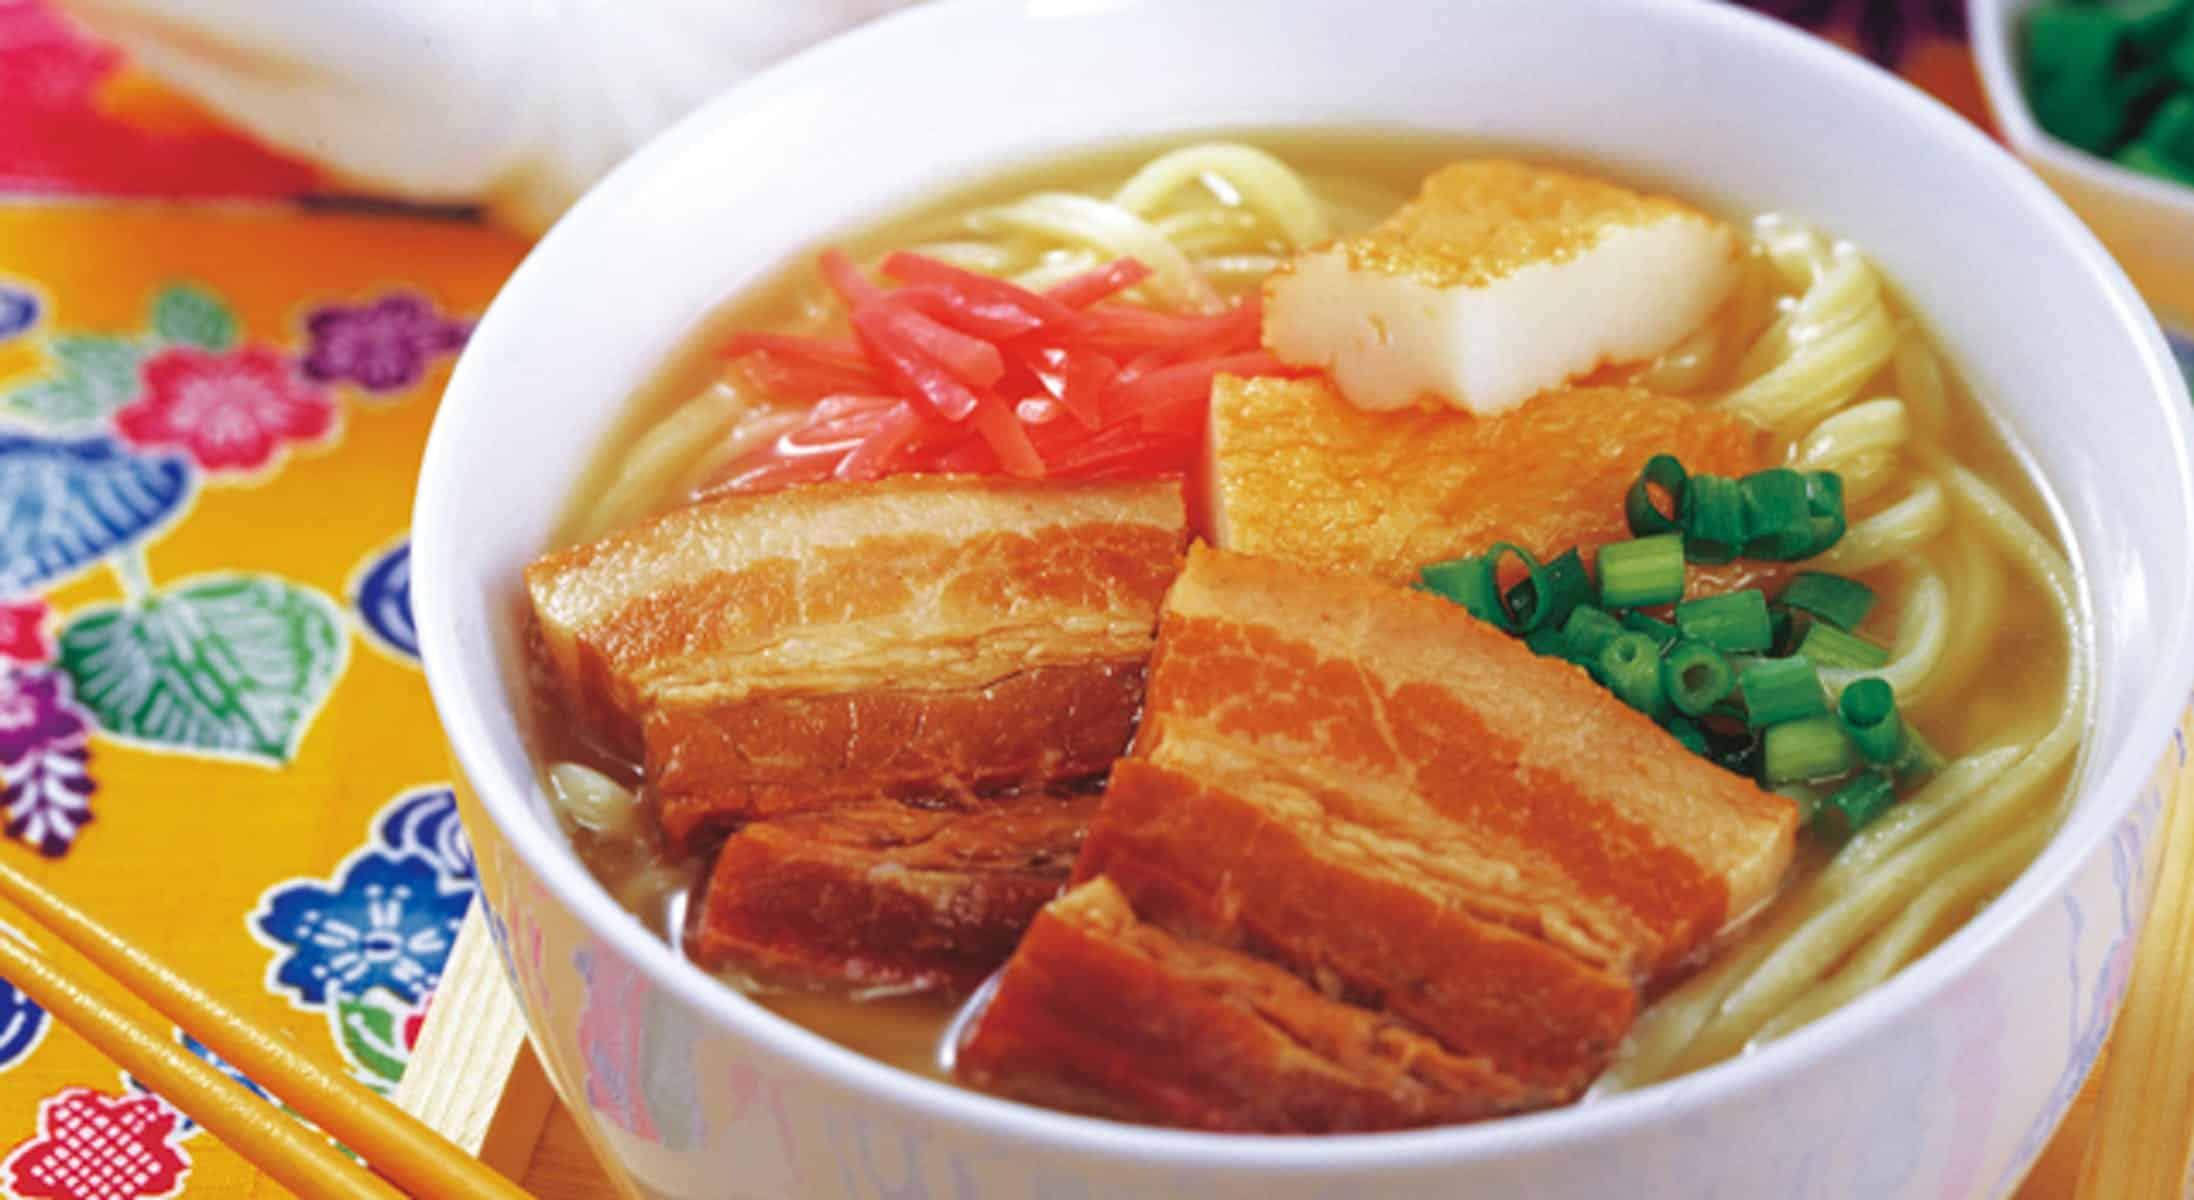 อาหารโอกินาว่า : โซกิโซบะ / โอกินาว่าโซบะ (Soki Soba / Okinawa Soba : ソーキそば / 沖縄そば)